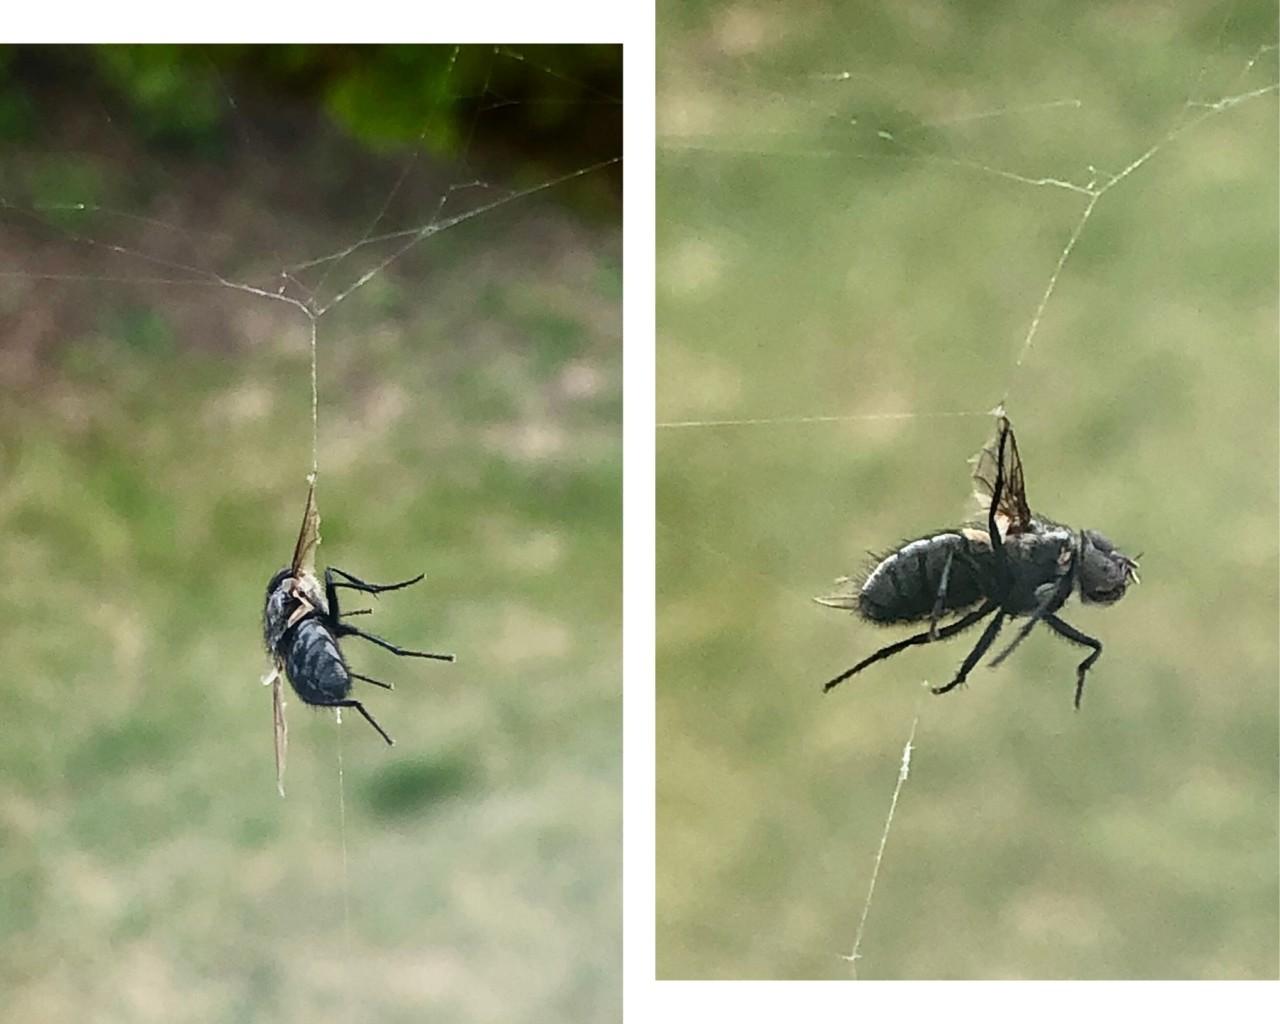 fluen-og-edderkoppen-thriller-dodskamp